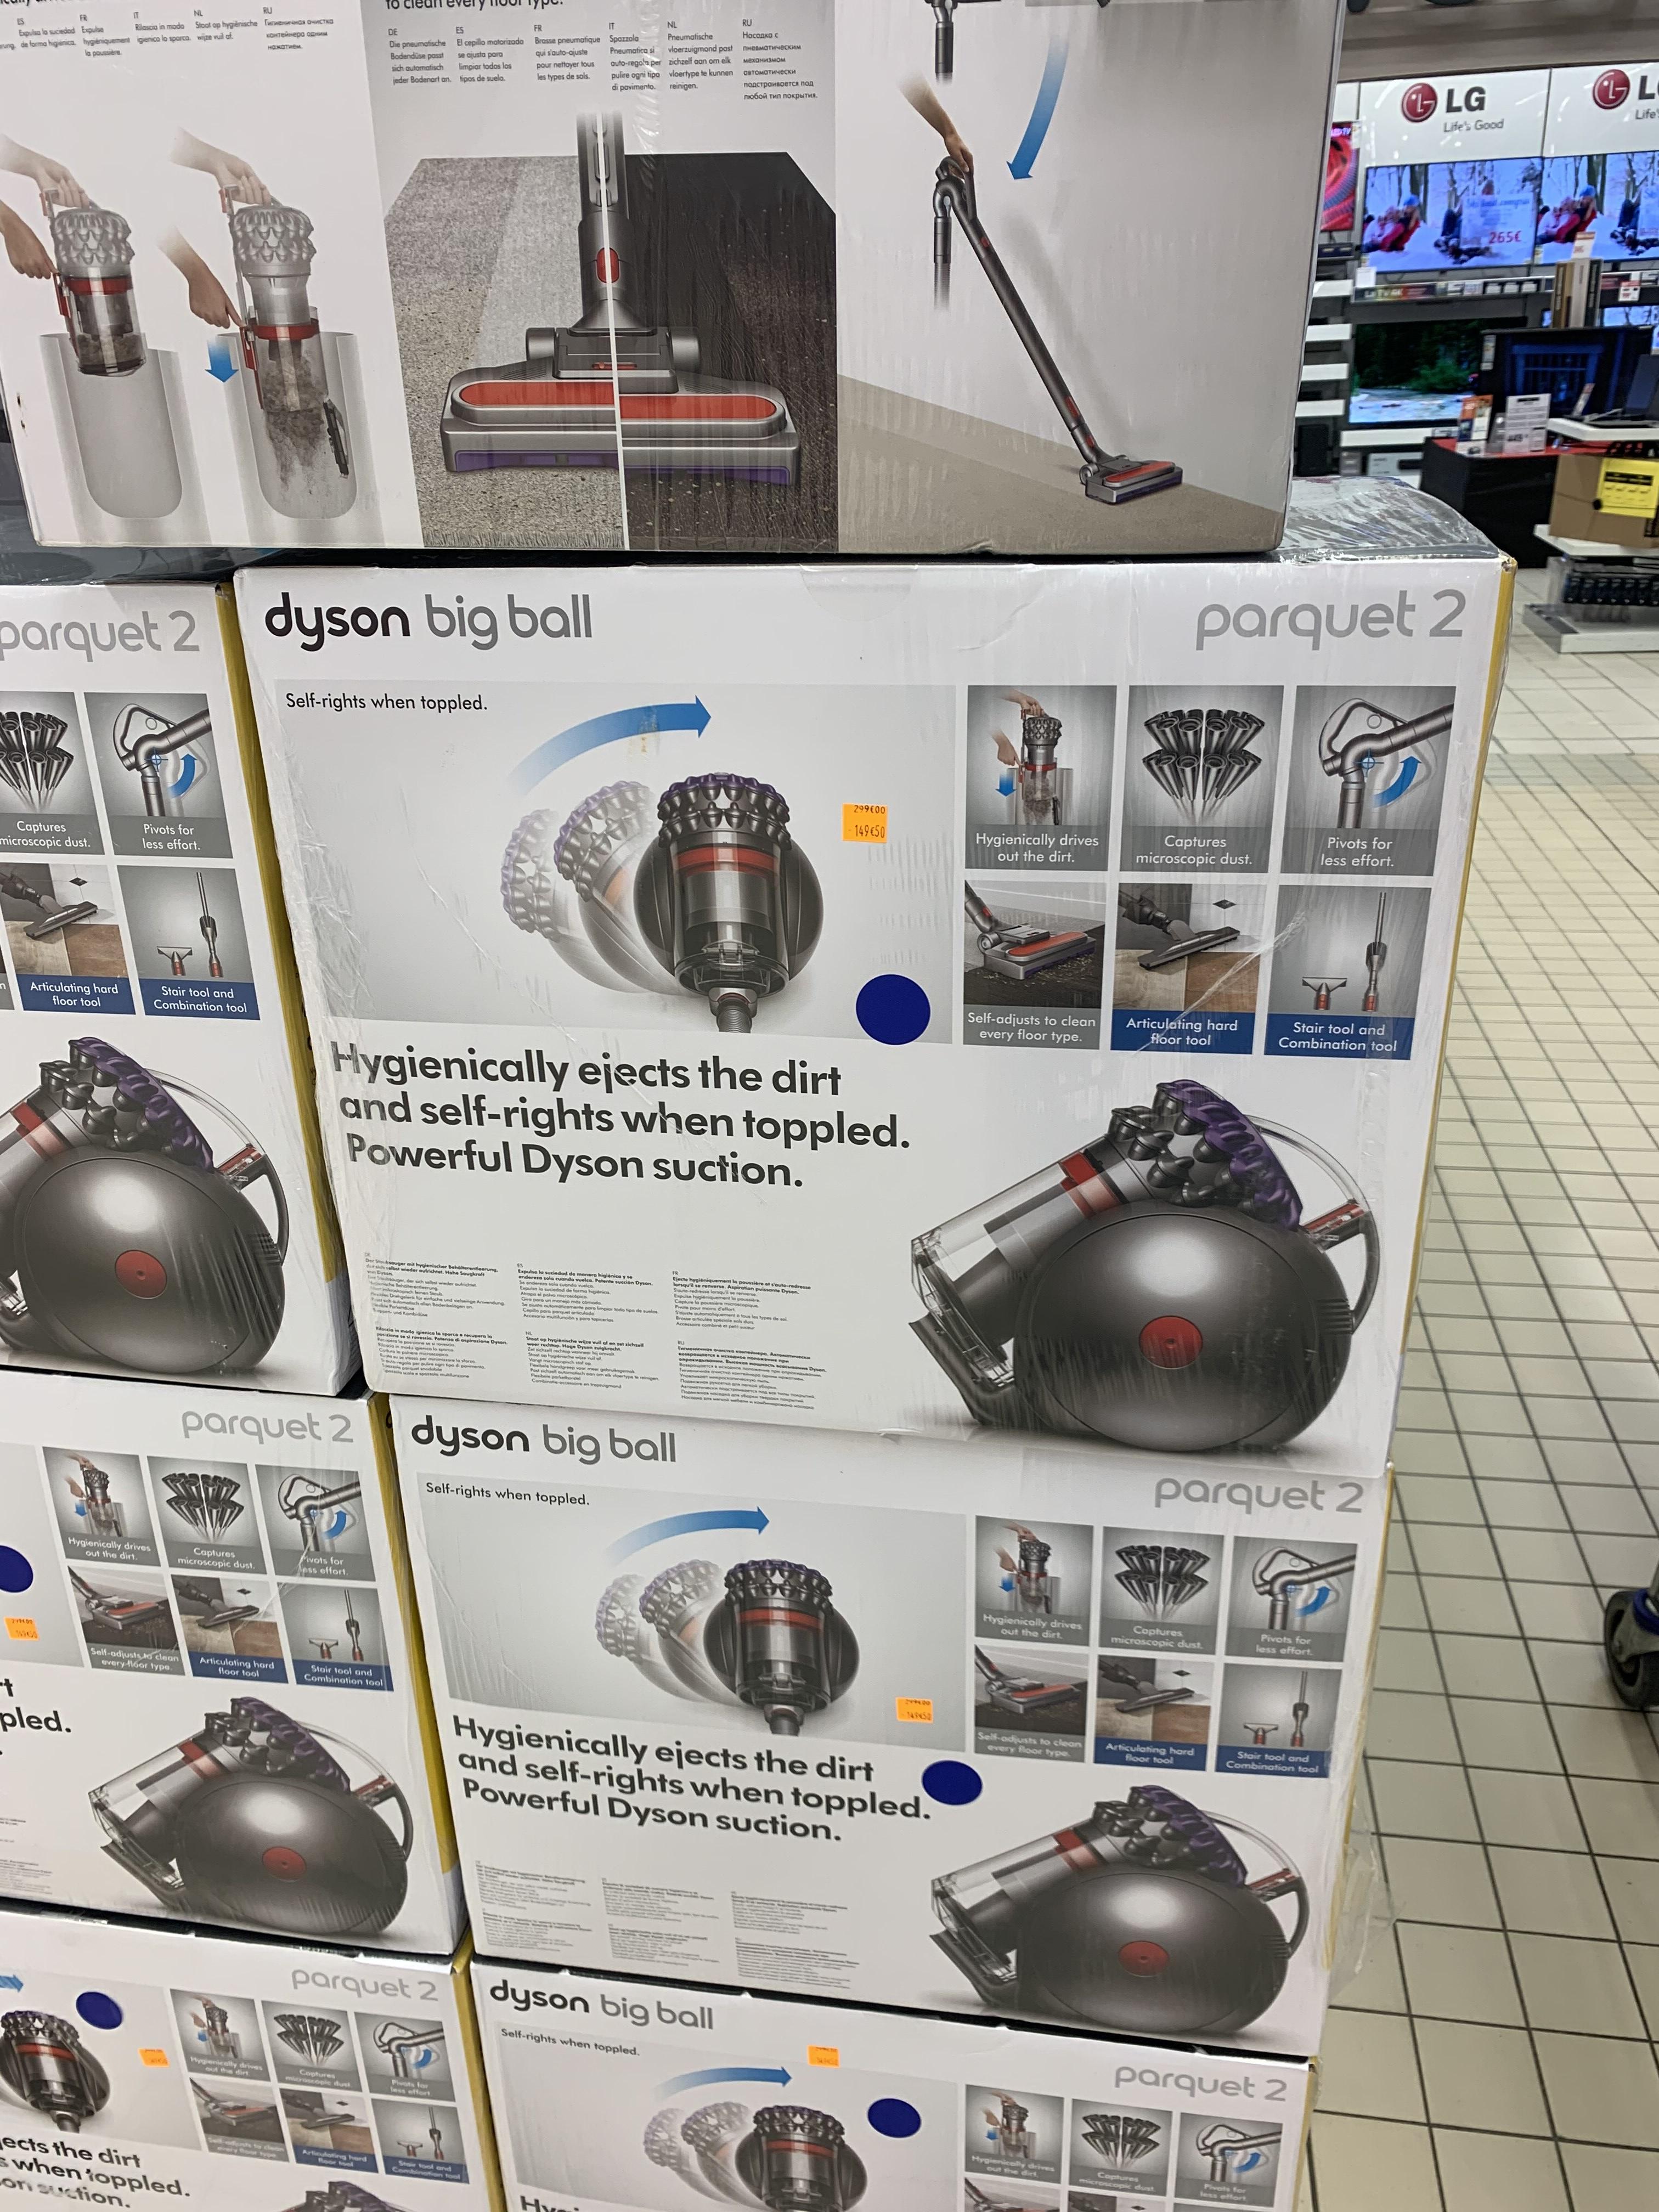 Aspirateur traîneau sans-sac Dyson Big Ball Parquet 2 (600 W) - Quimper (29)